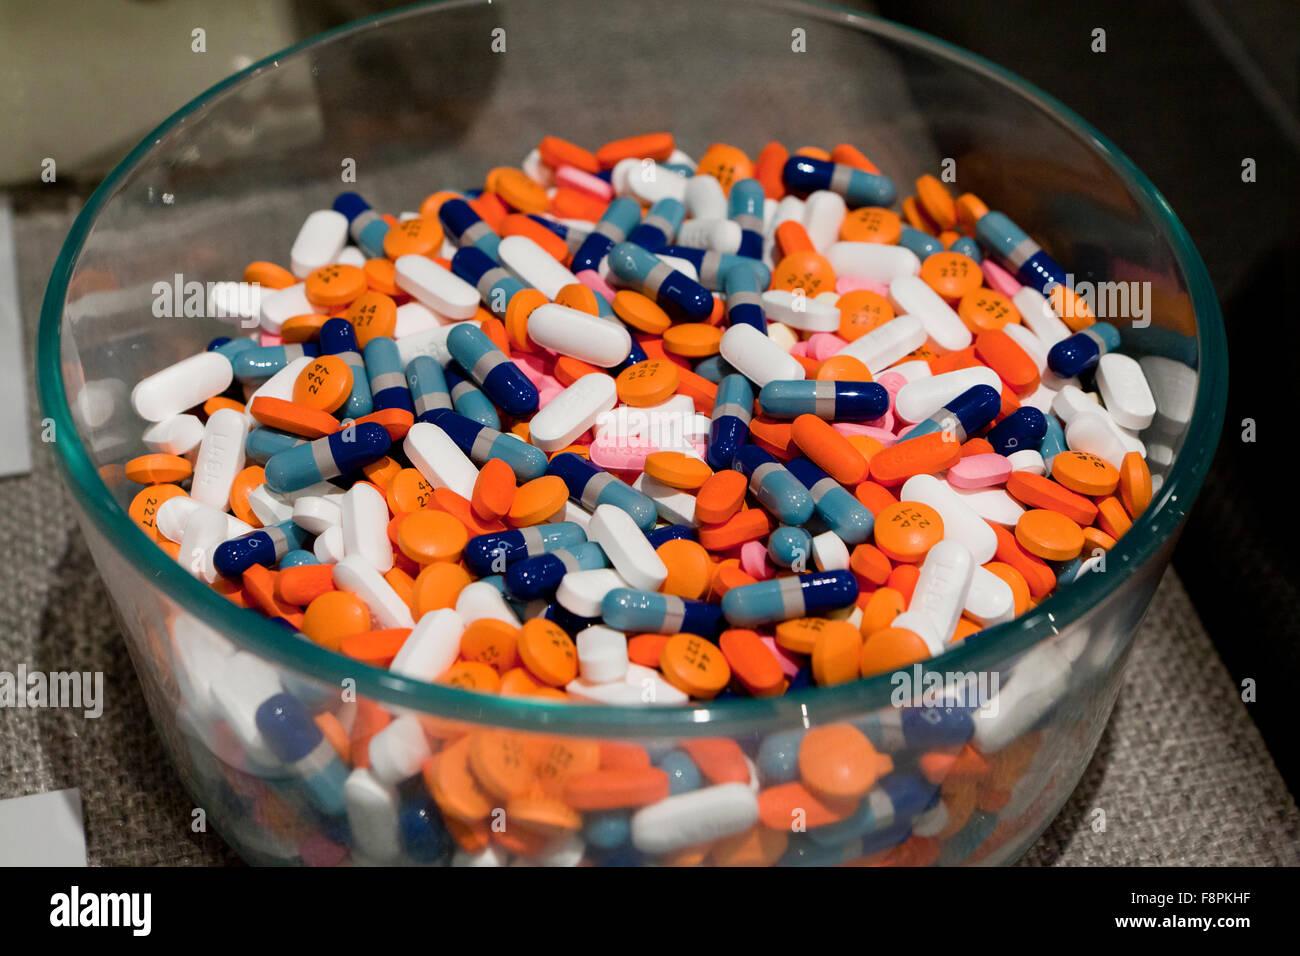 Bowl of recreational drug use pills - USA - Stock Image